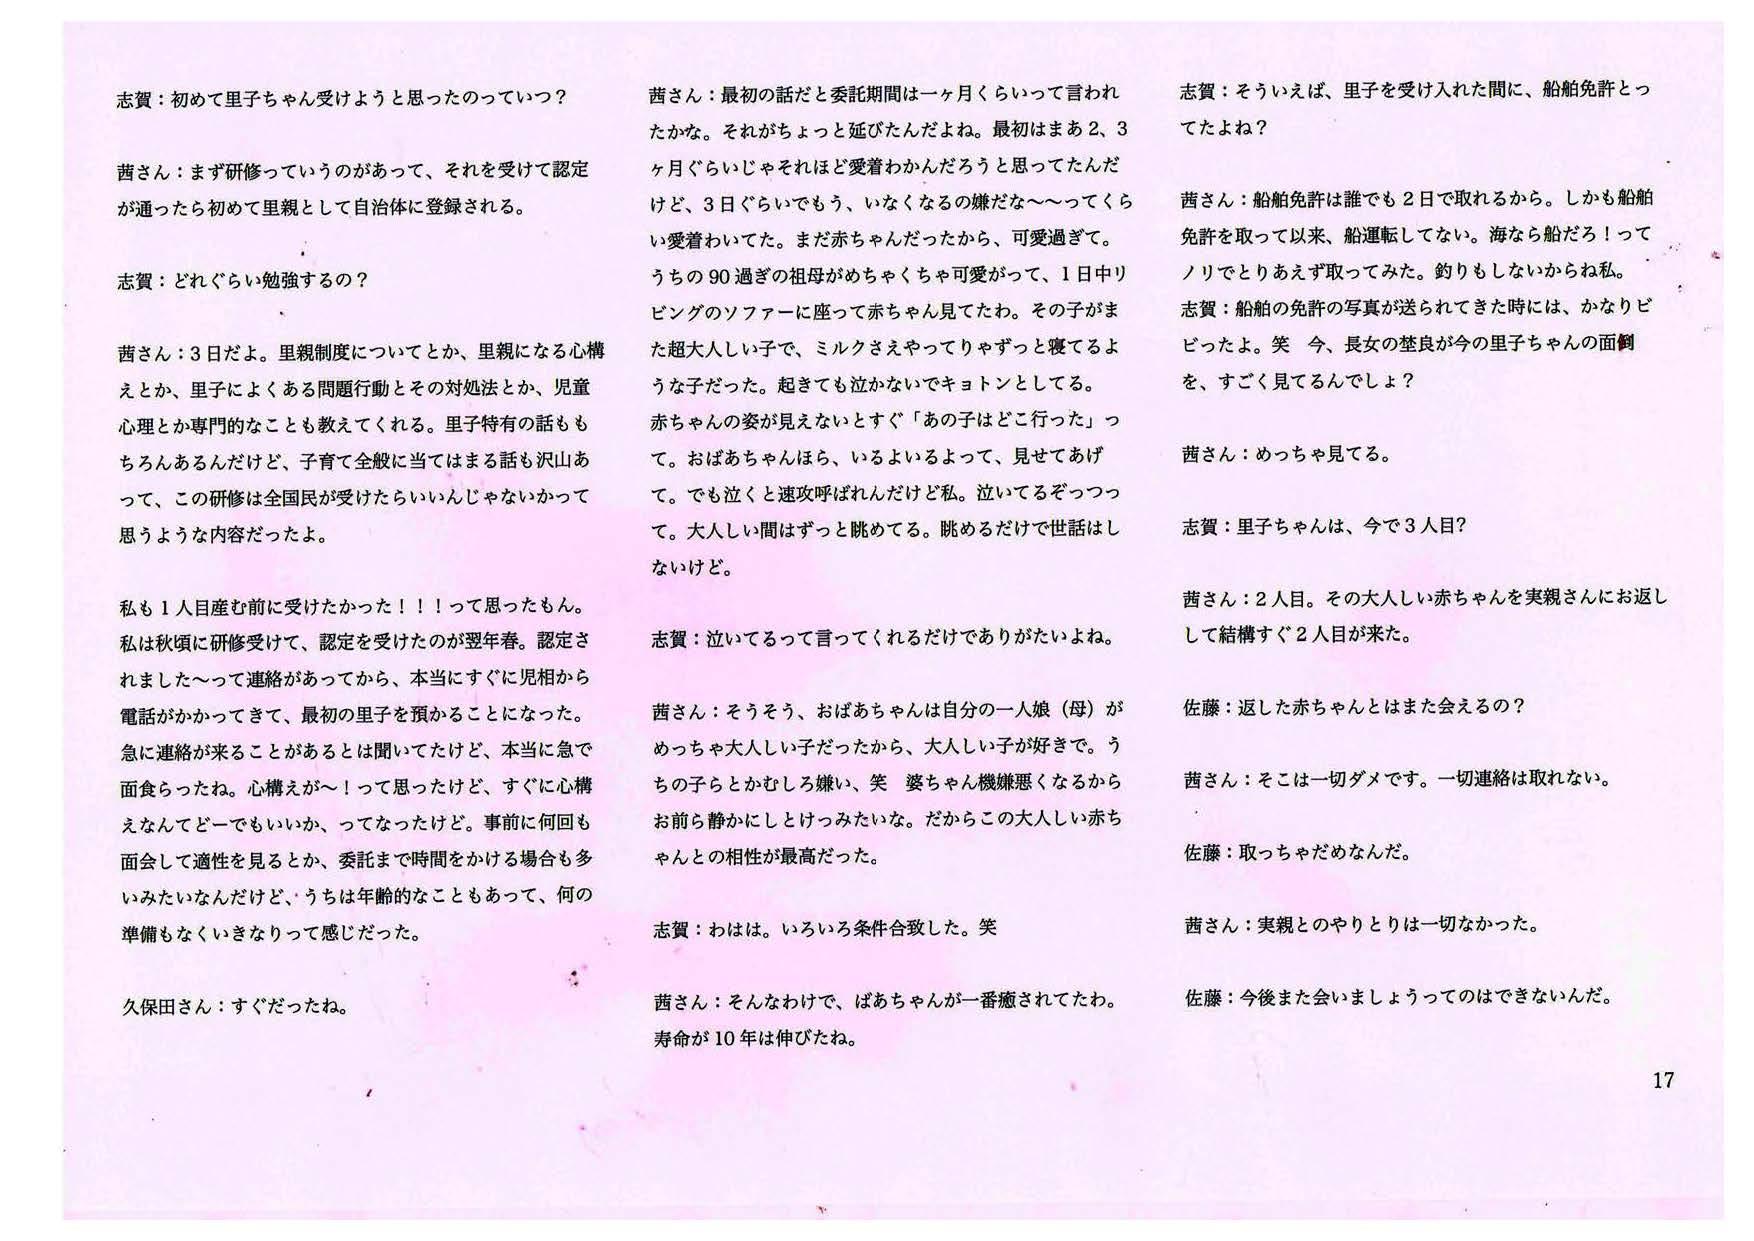 久保田茜さんと話す:人間社会を飲み込んで産みなおす 002